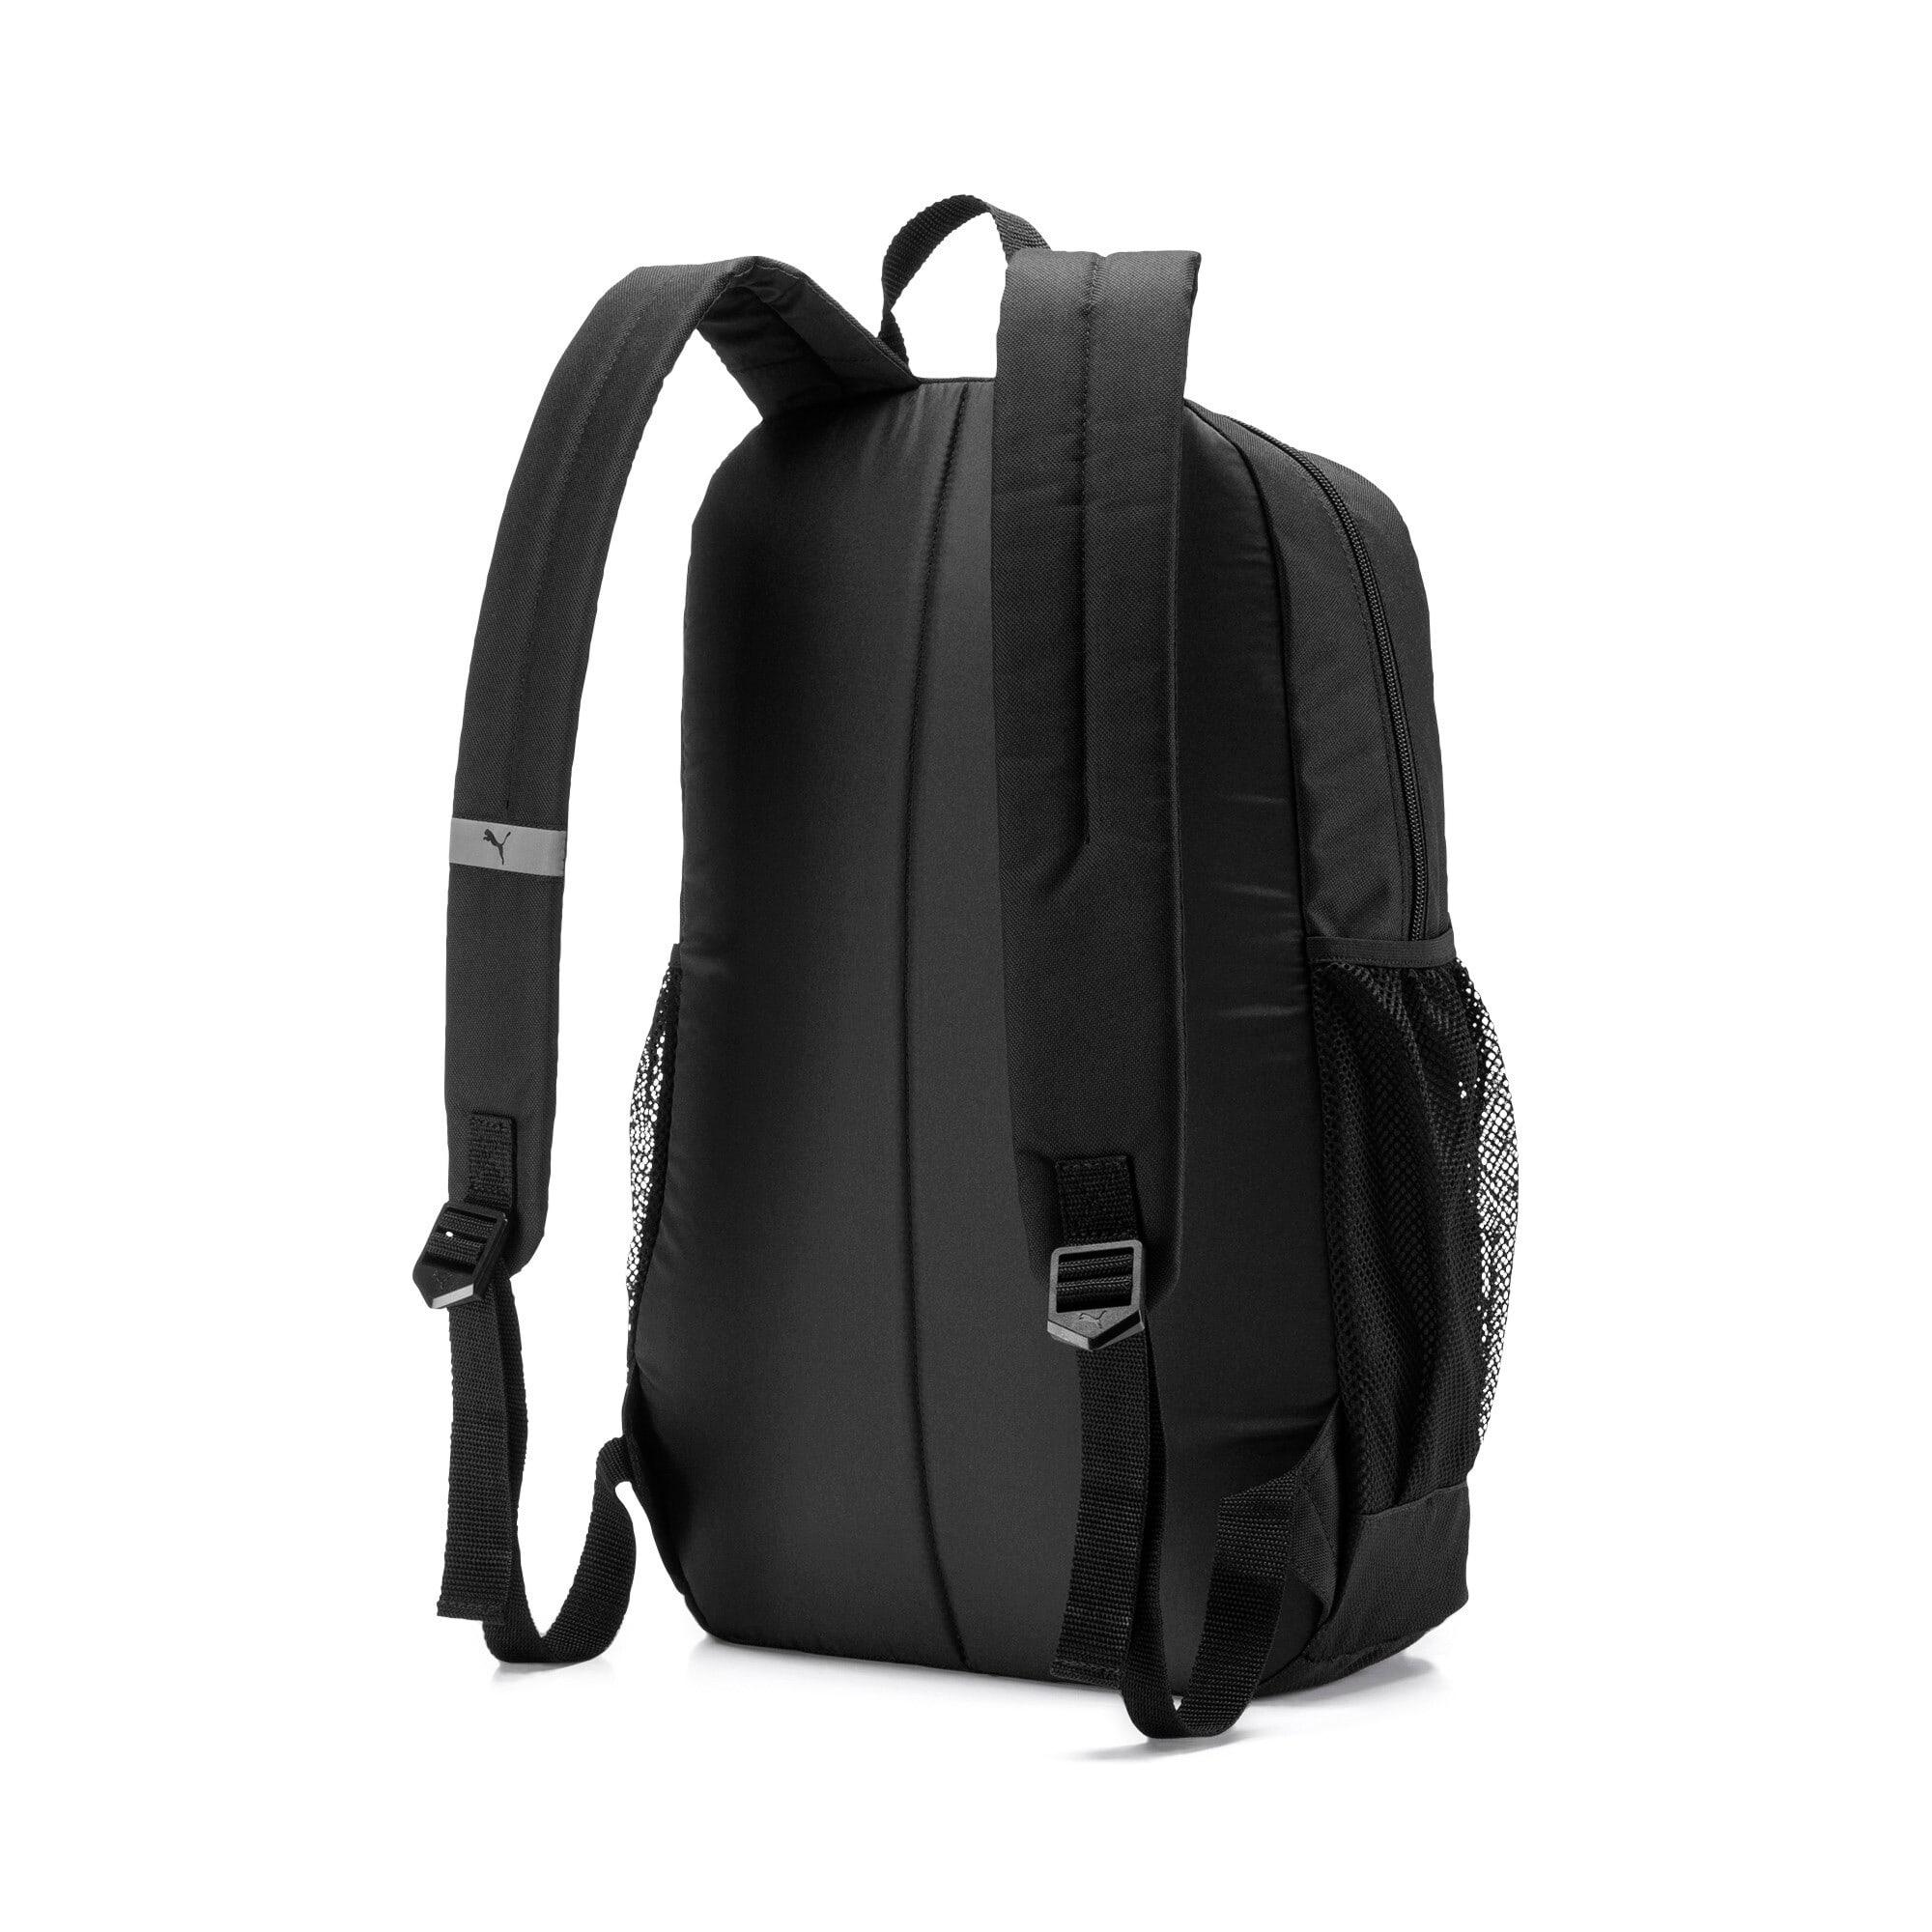 Thumbnail 3 of Plus II Backpack, Puma Black, medium